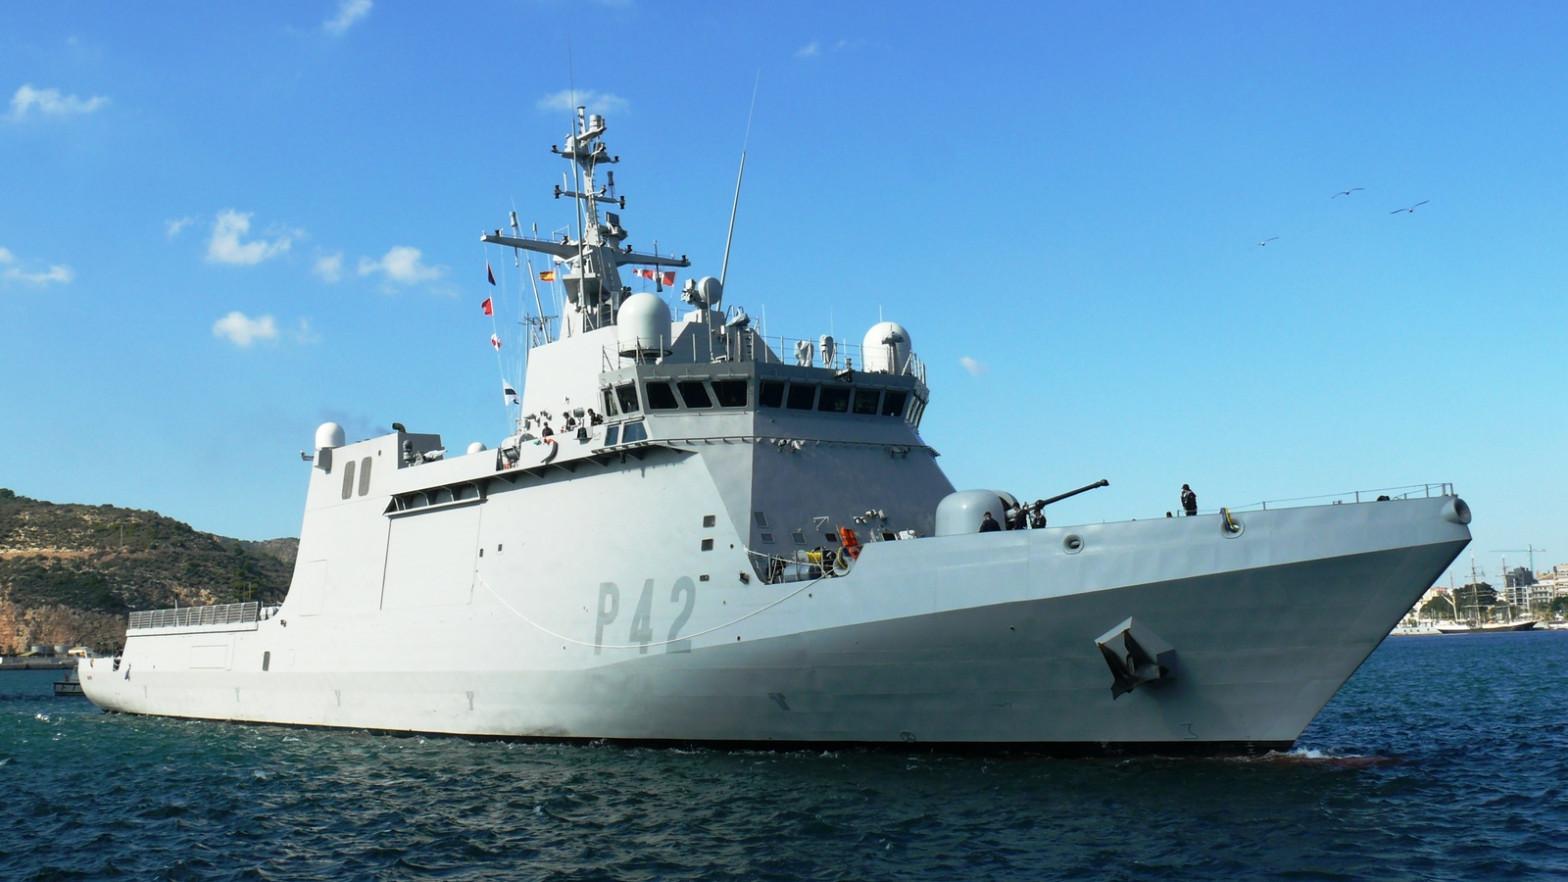 El buque de acción marítima 'Rayo' participa en el ejercicio organizado por EEUU y Ucrania en el Mar Negro